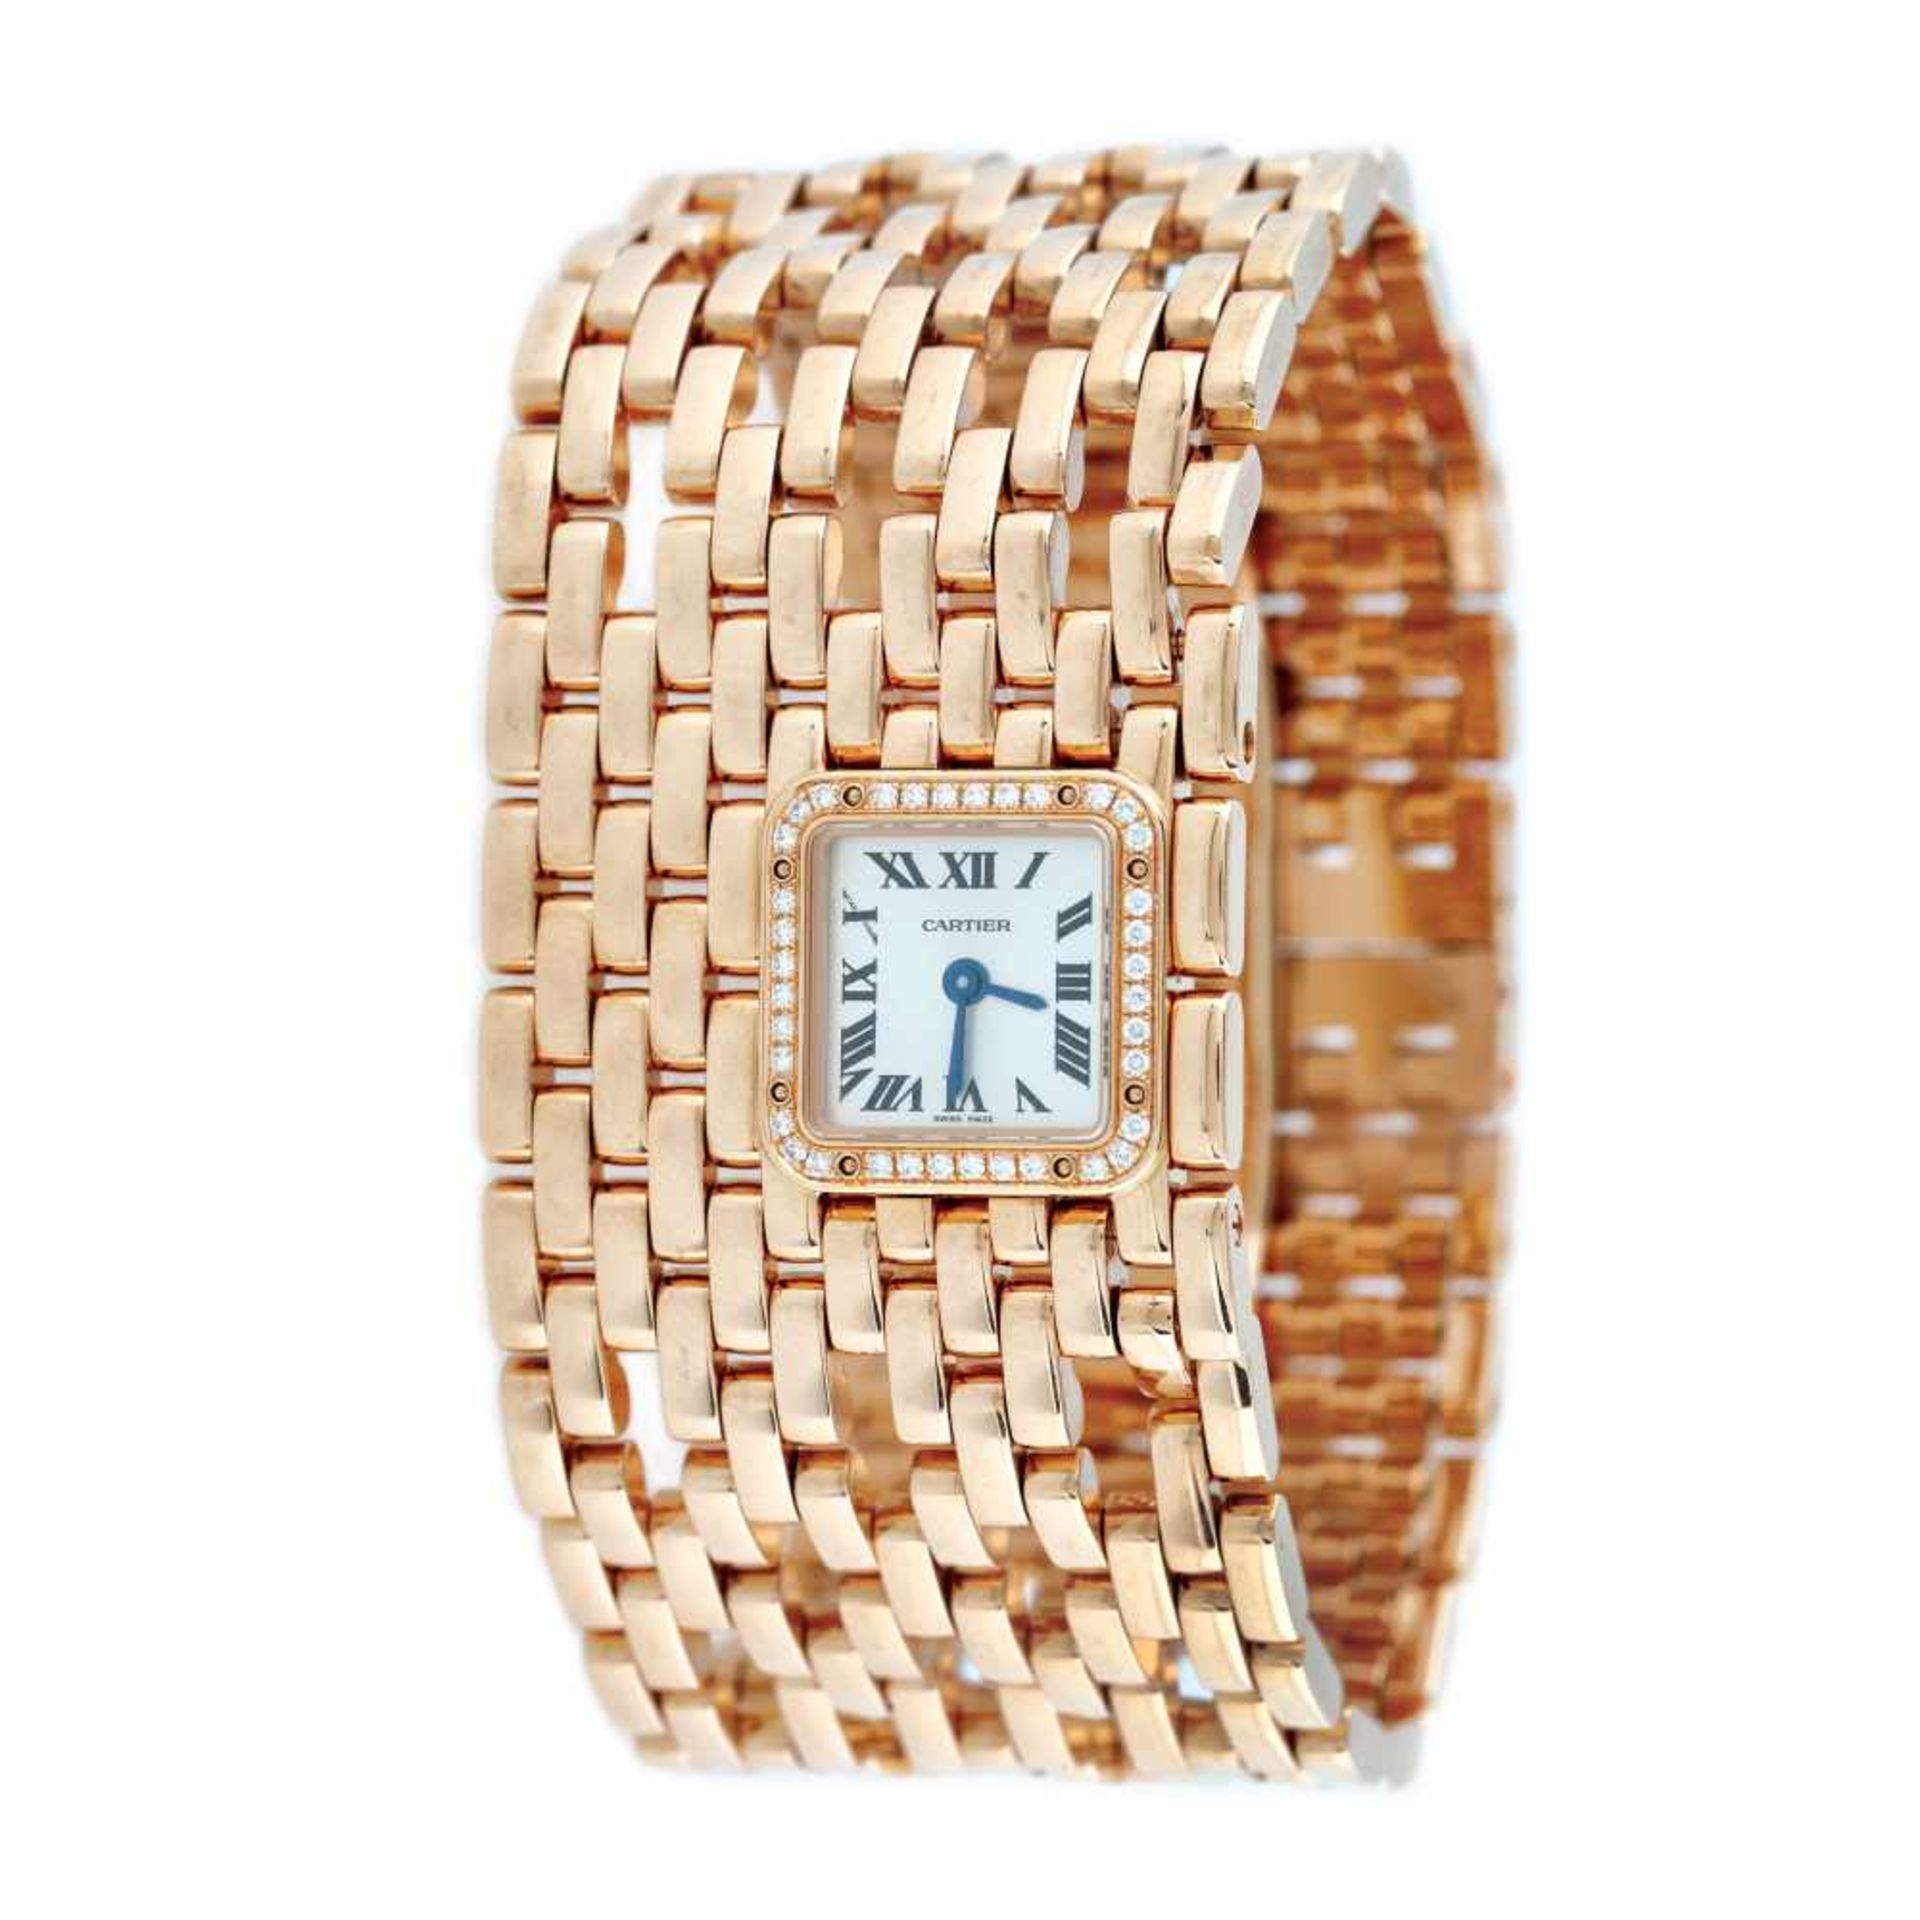 Panthère de Cartier Manchette bracelet watch, rare, gold, women, decorated with diamonds, provenanc